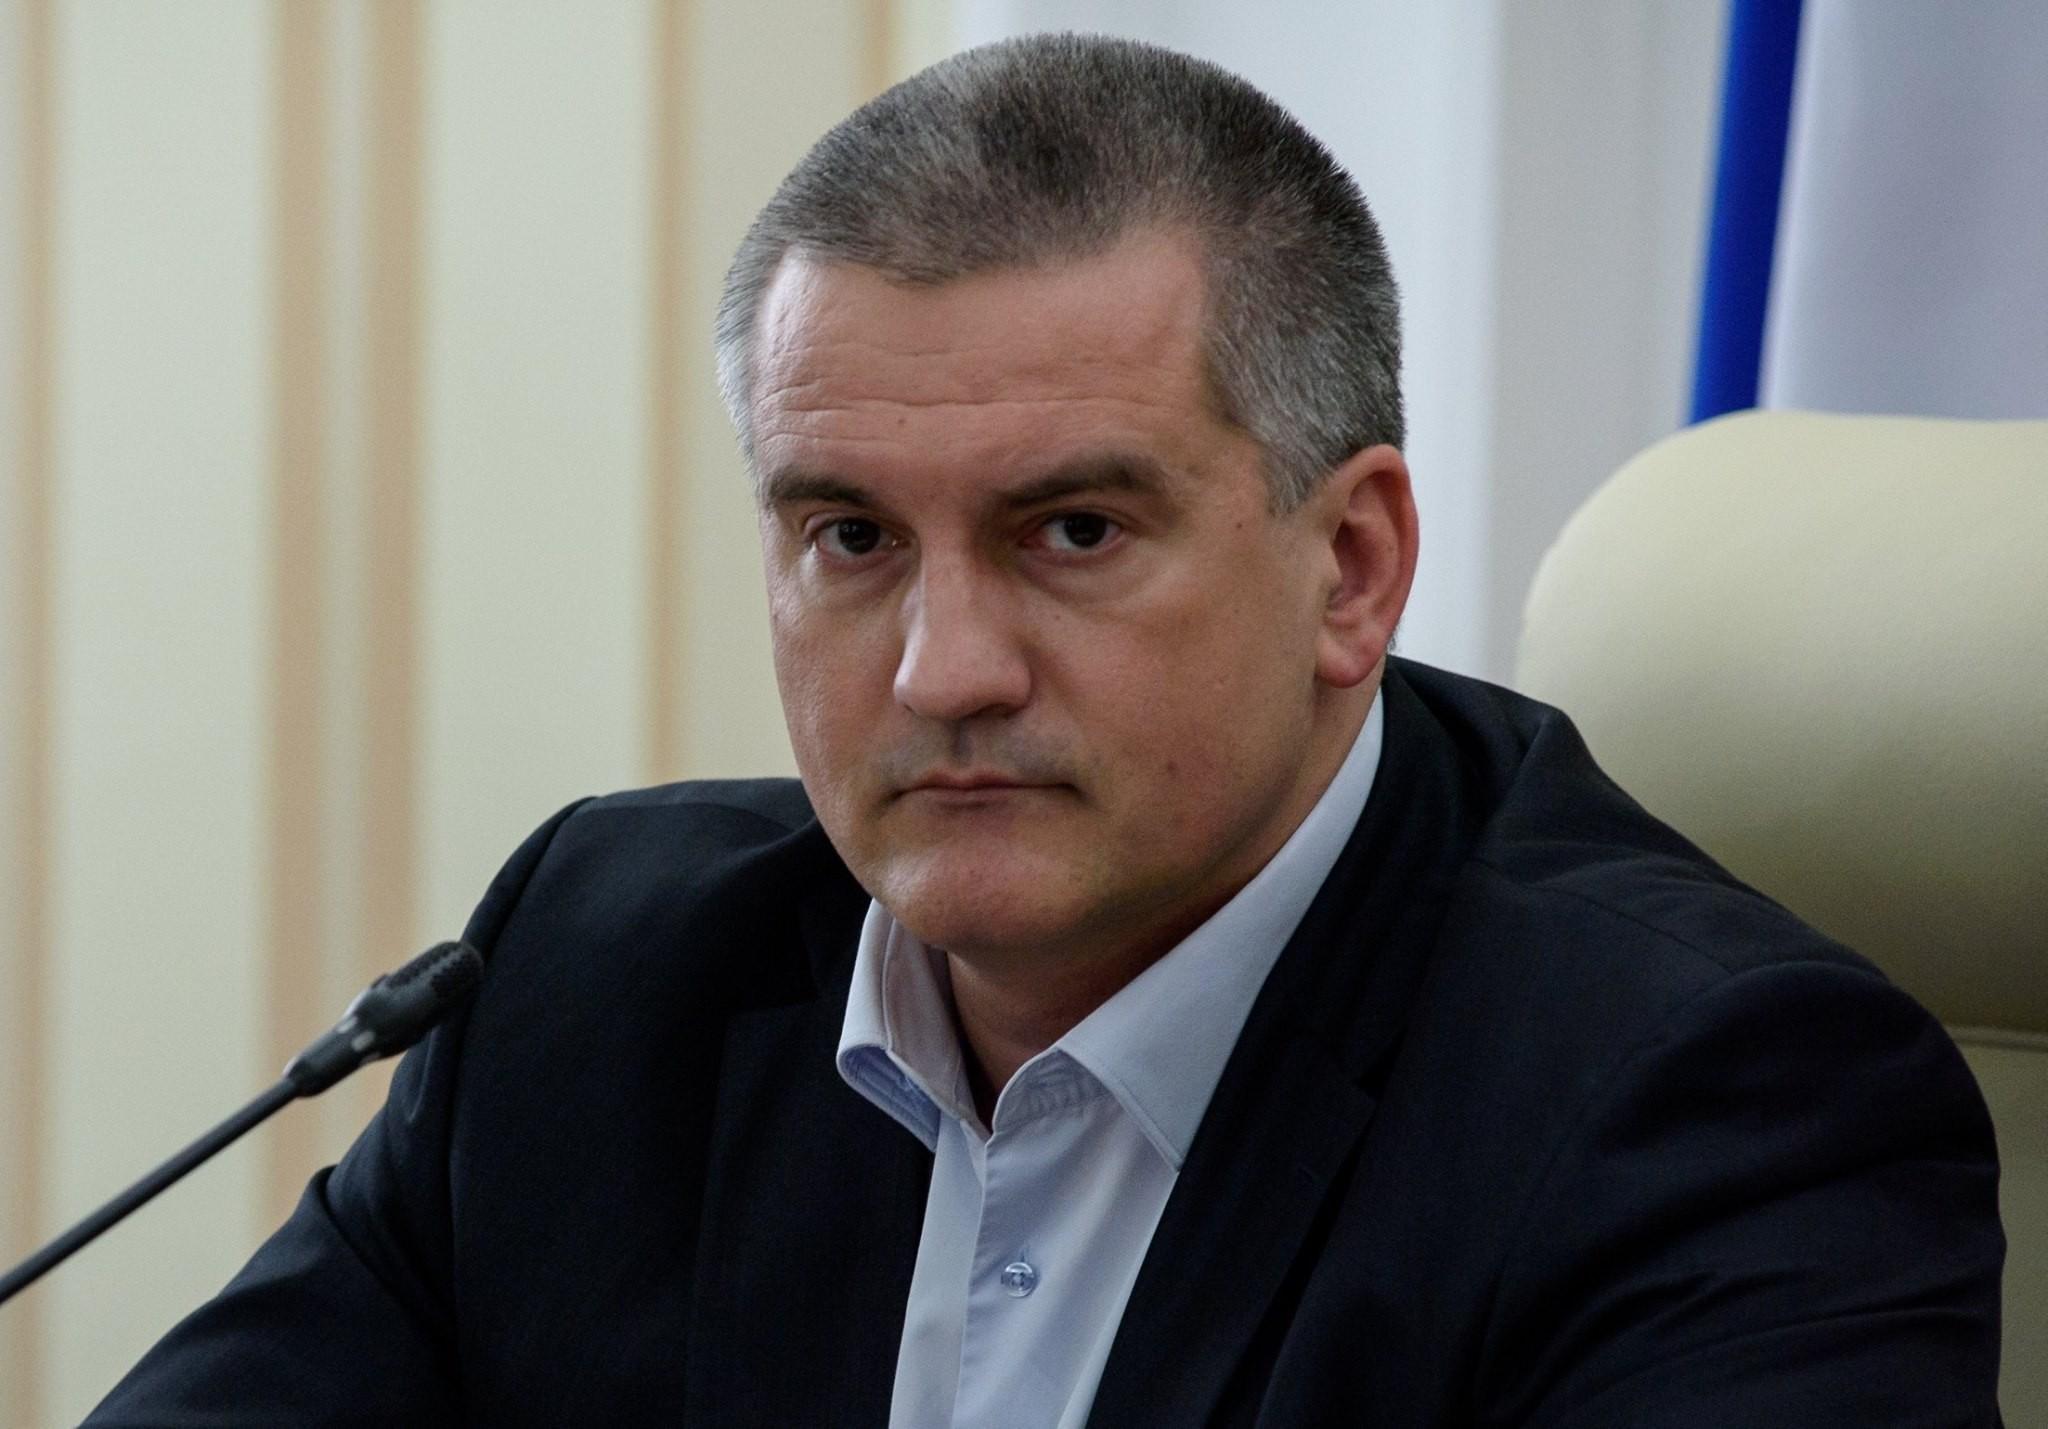 Защитники прав человека объявили список «врагов свободы слова» вКрыму